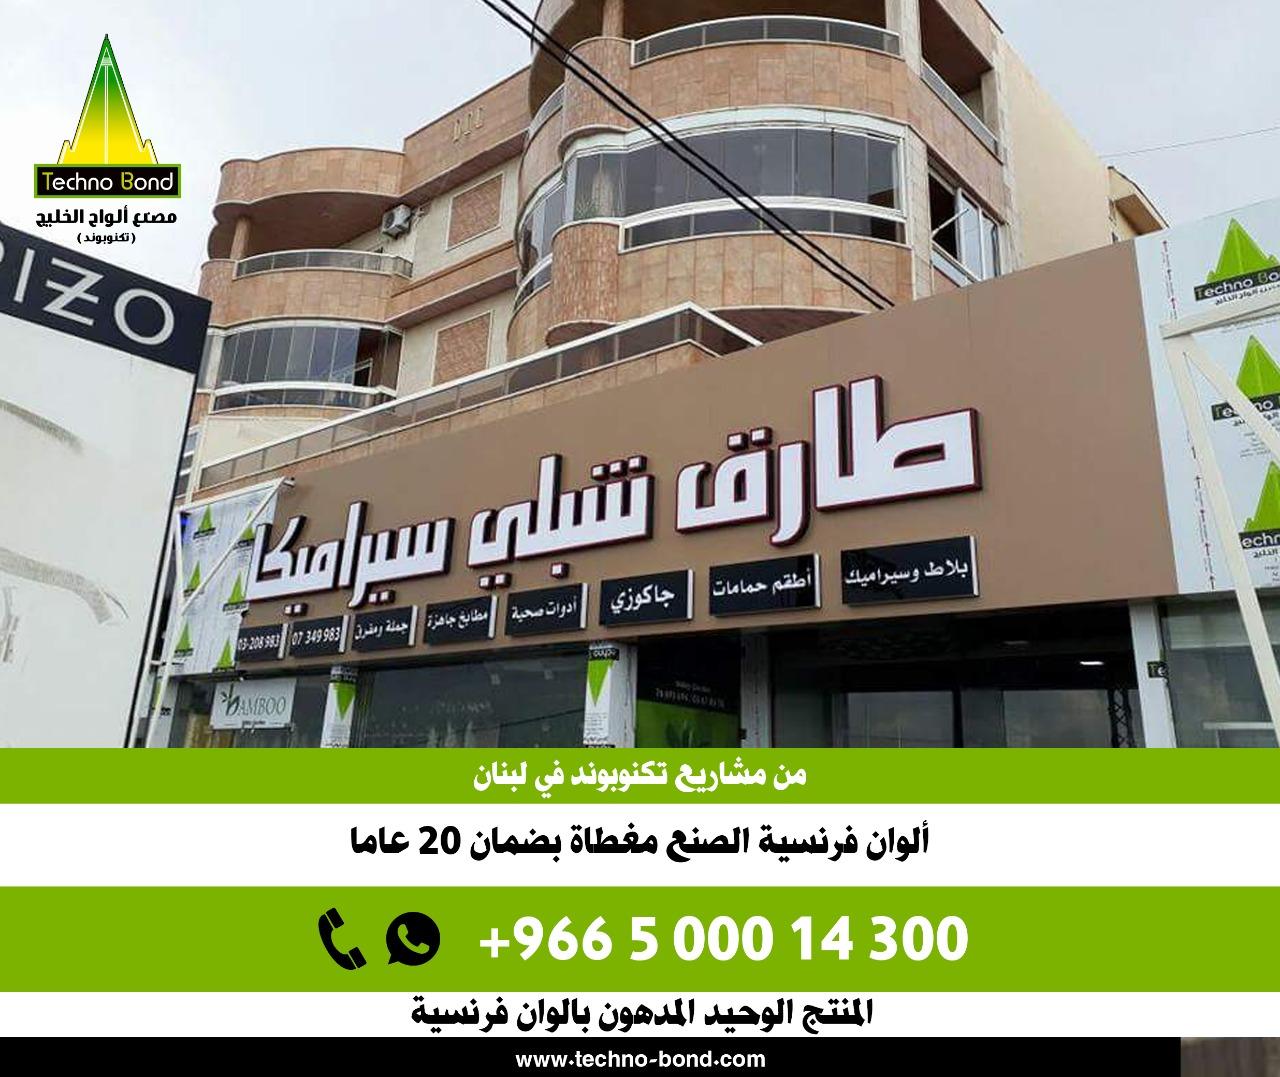 شركات كلادينج بمصر كلادينج 2019